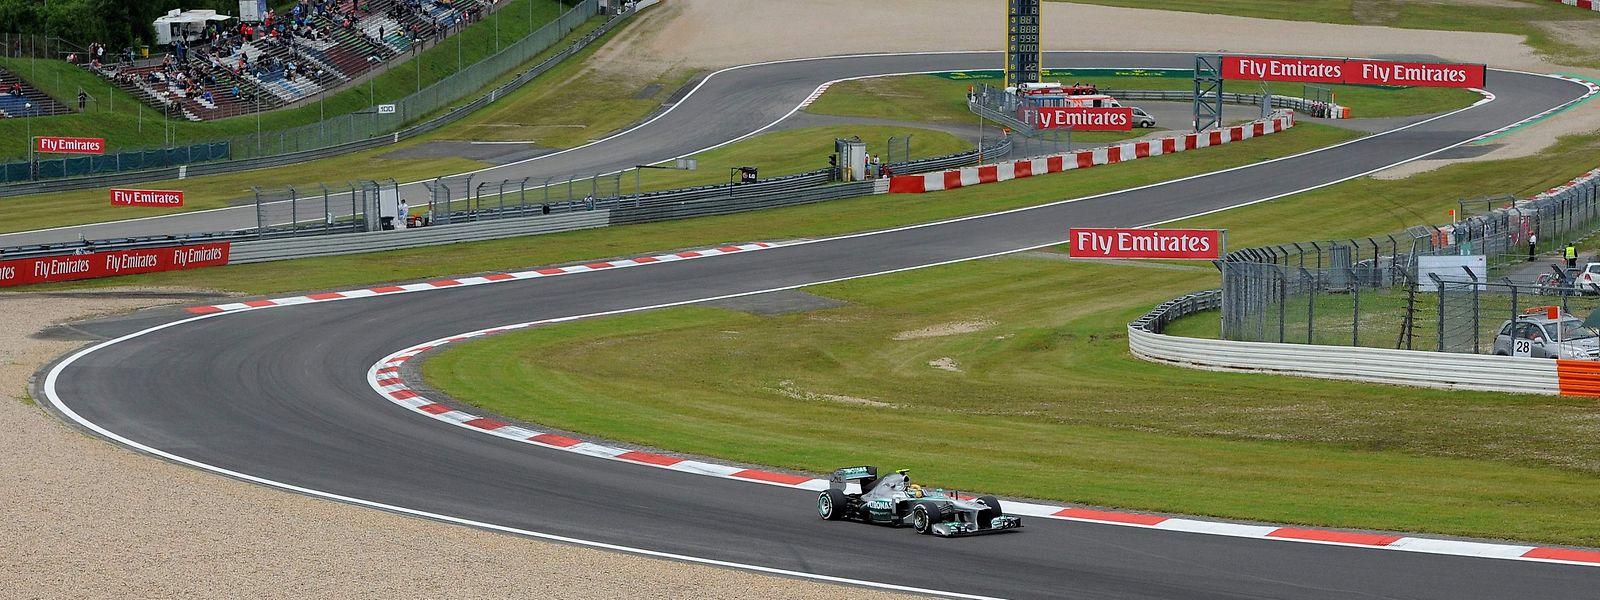 2020 wird die Formel 1 zum 40. Mal auf dem Nürburgring gastieren.